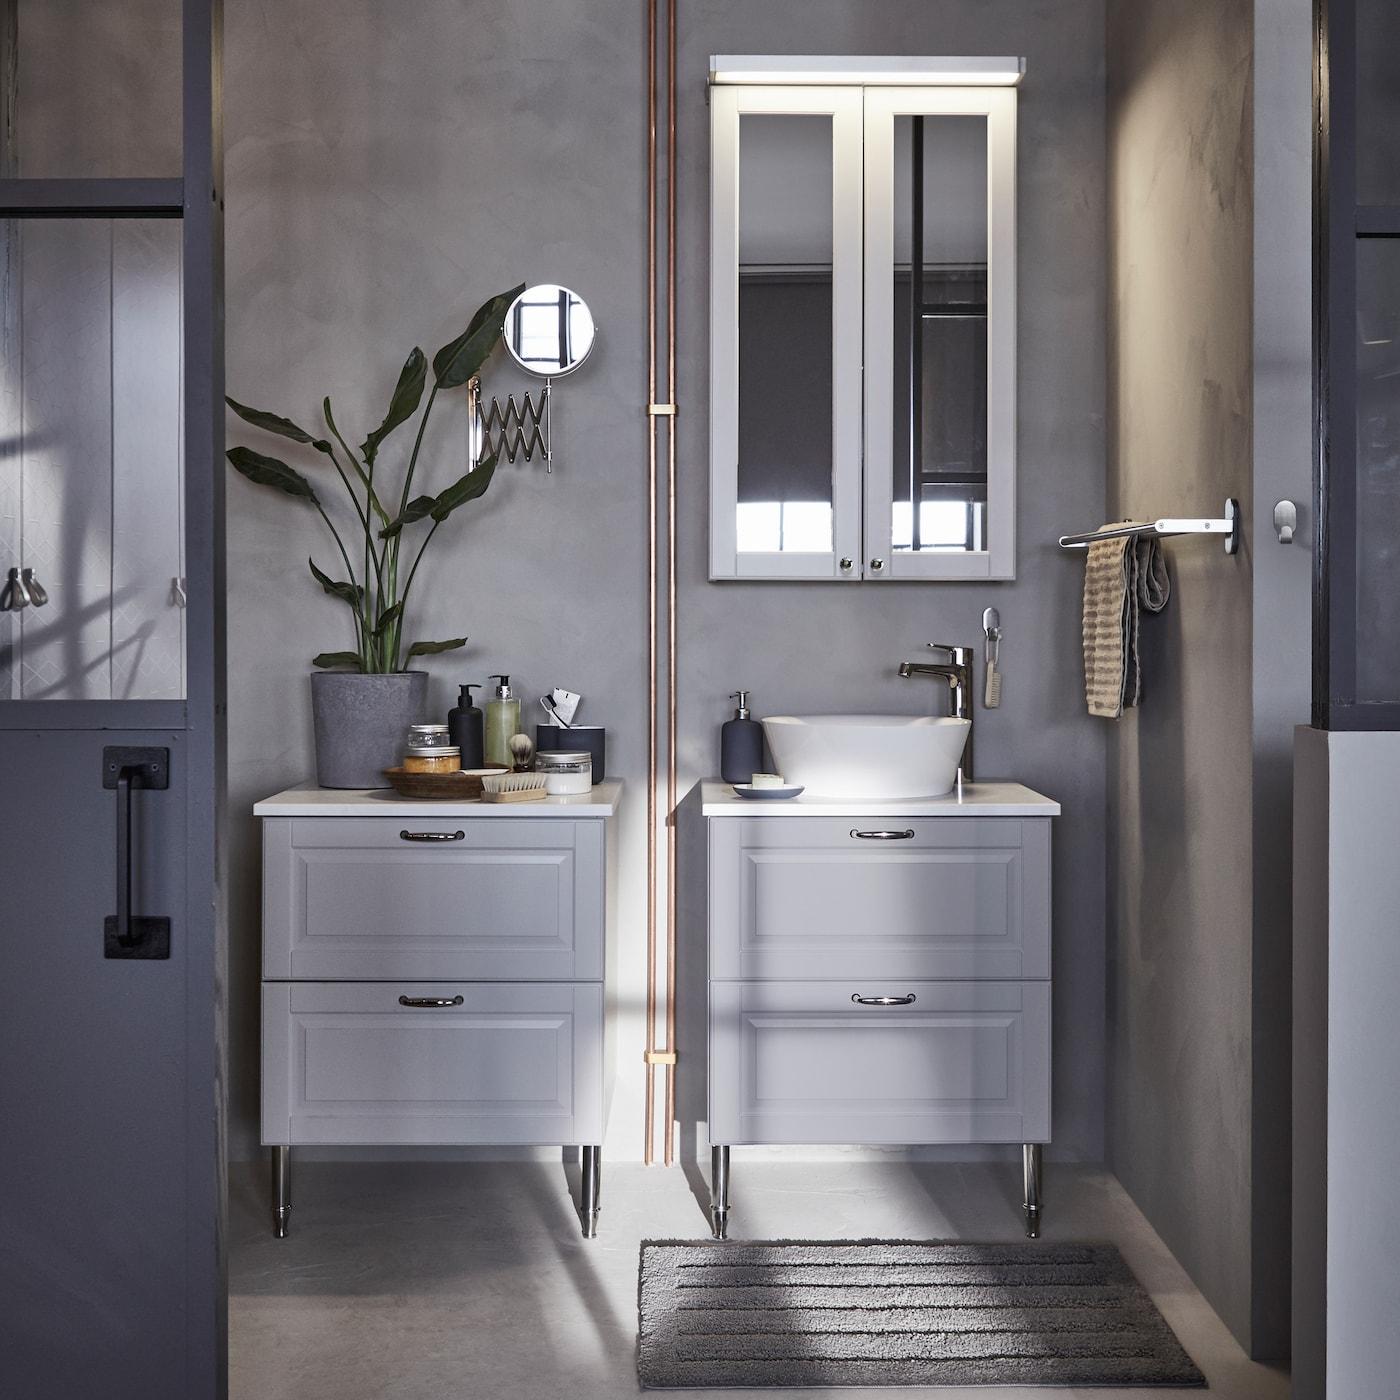 Pour des rituels de salle de bain parfaitement huil s - Luminaire pour salle de bain ikea ...